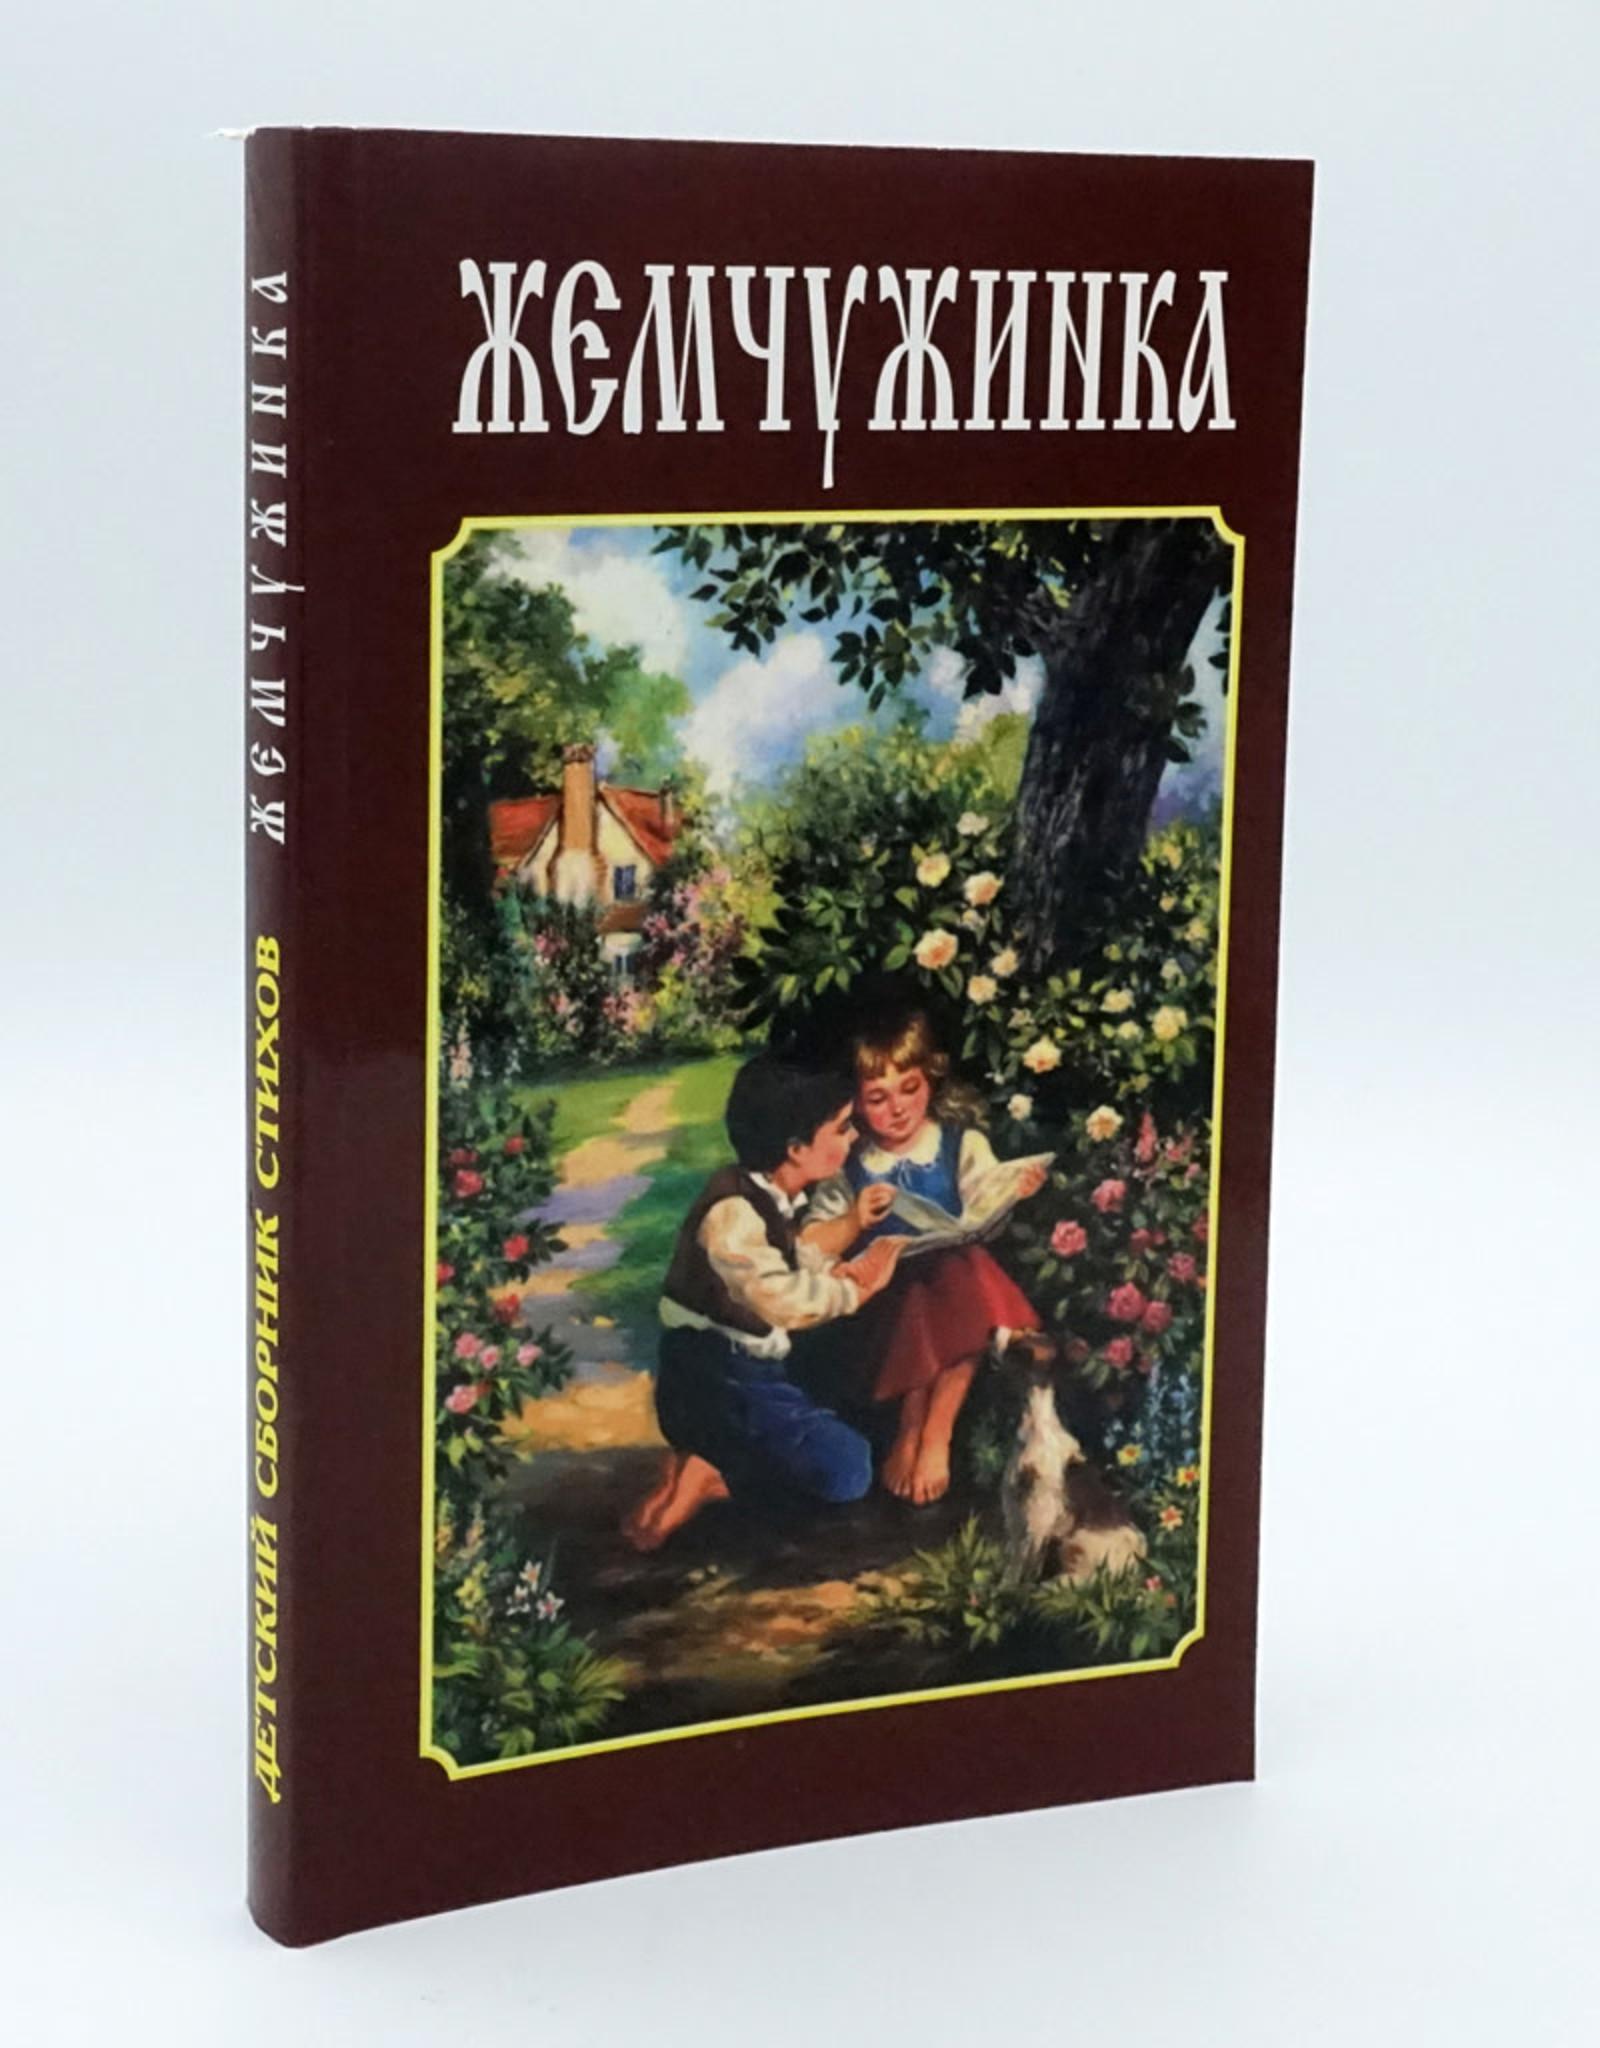 Жемчужинка: Детский сборник стихов